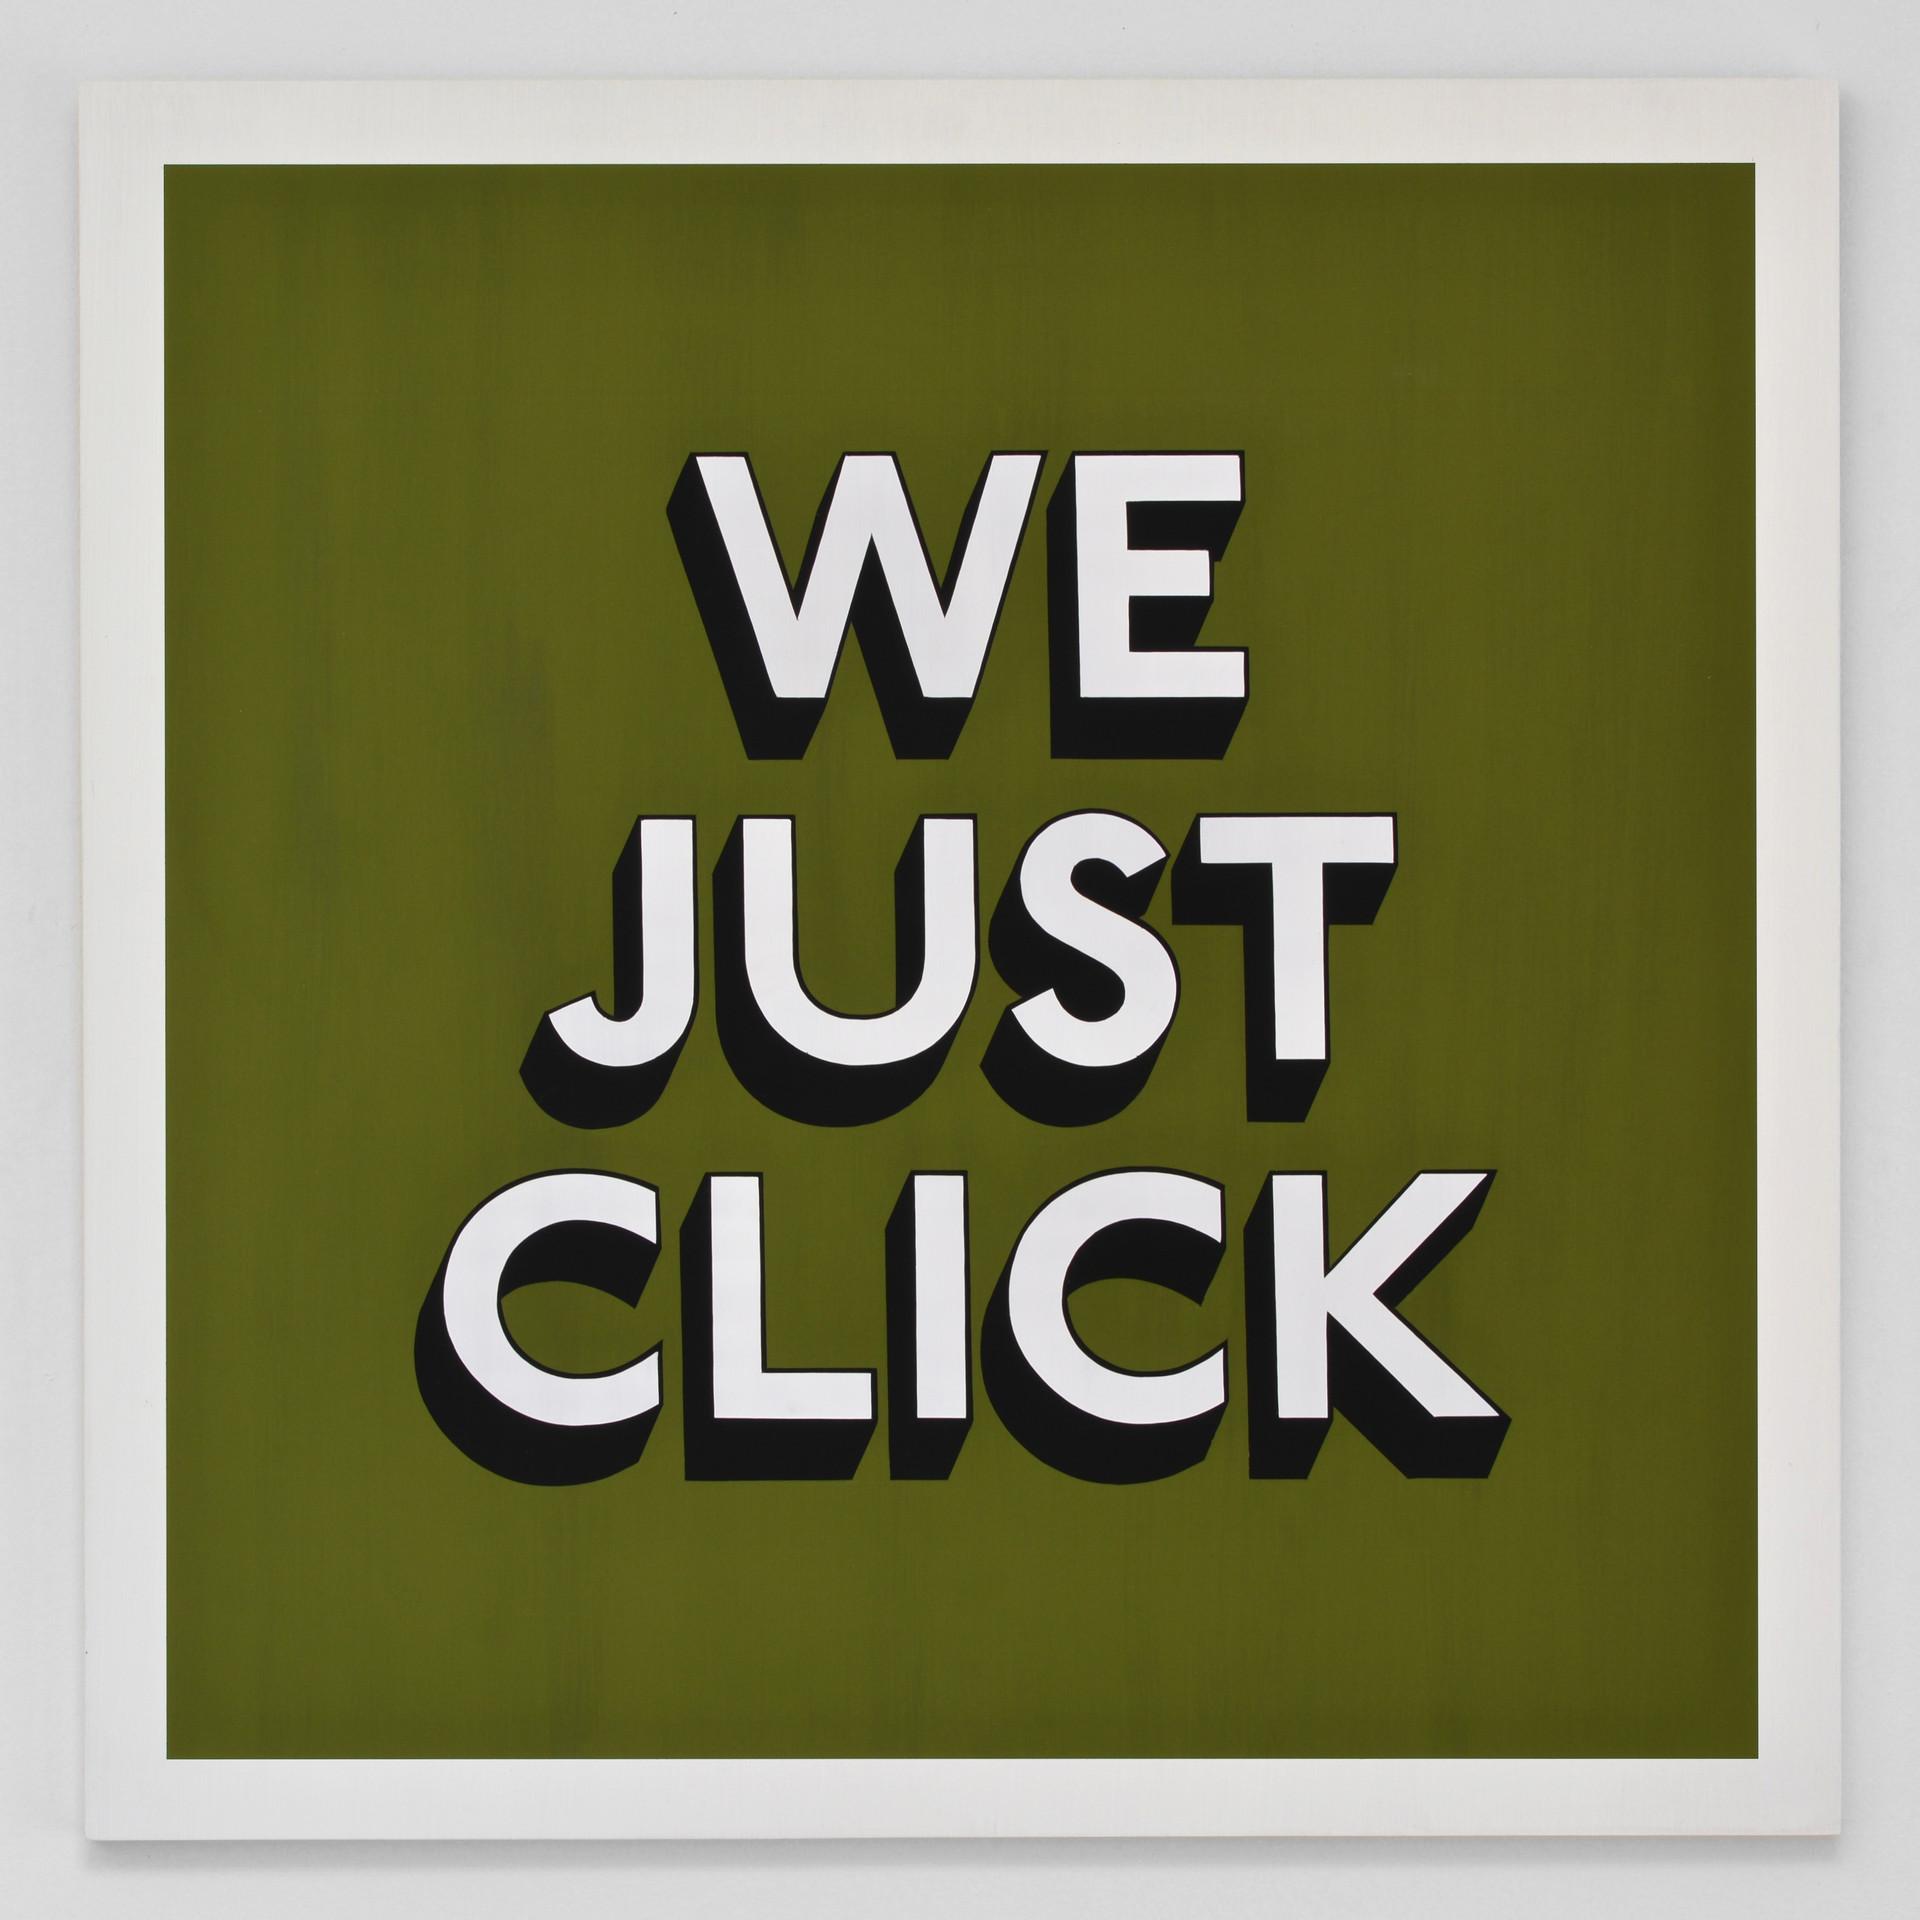 WE_JUST_CLICK.jpg